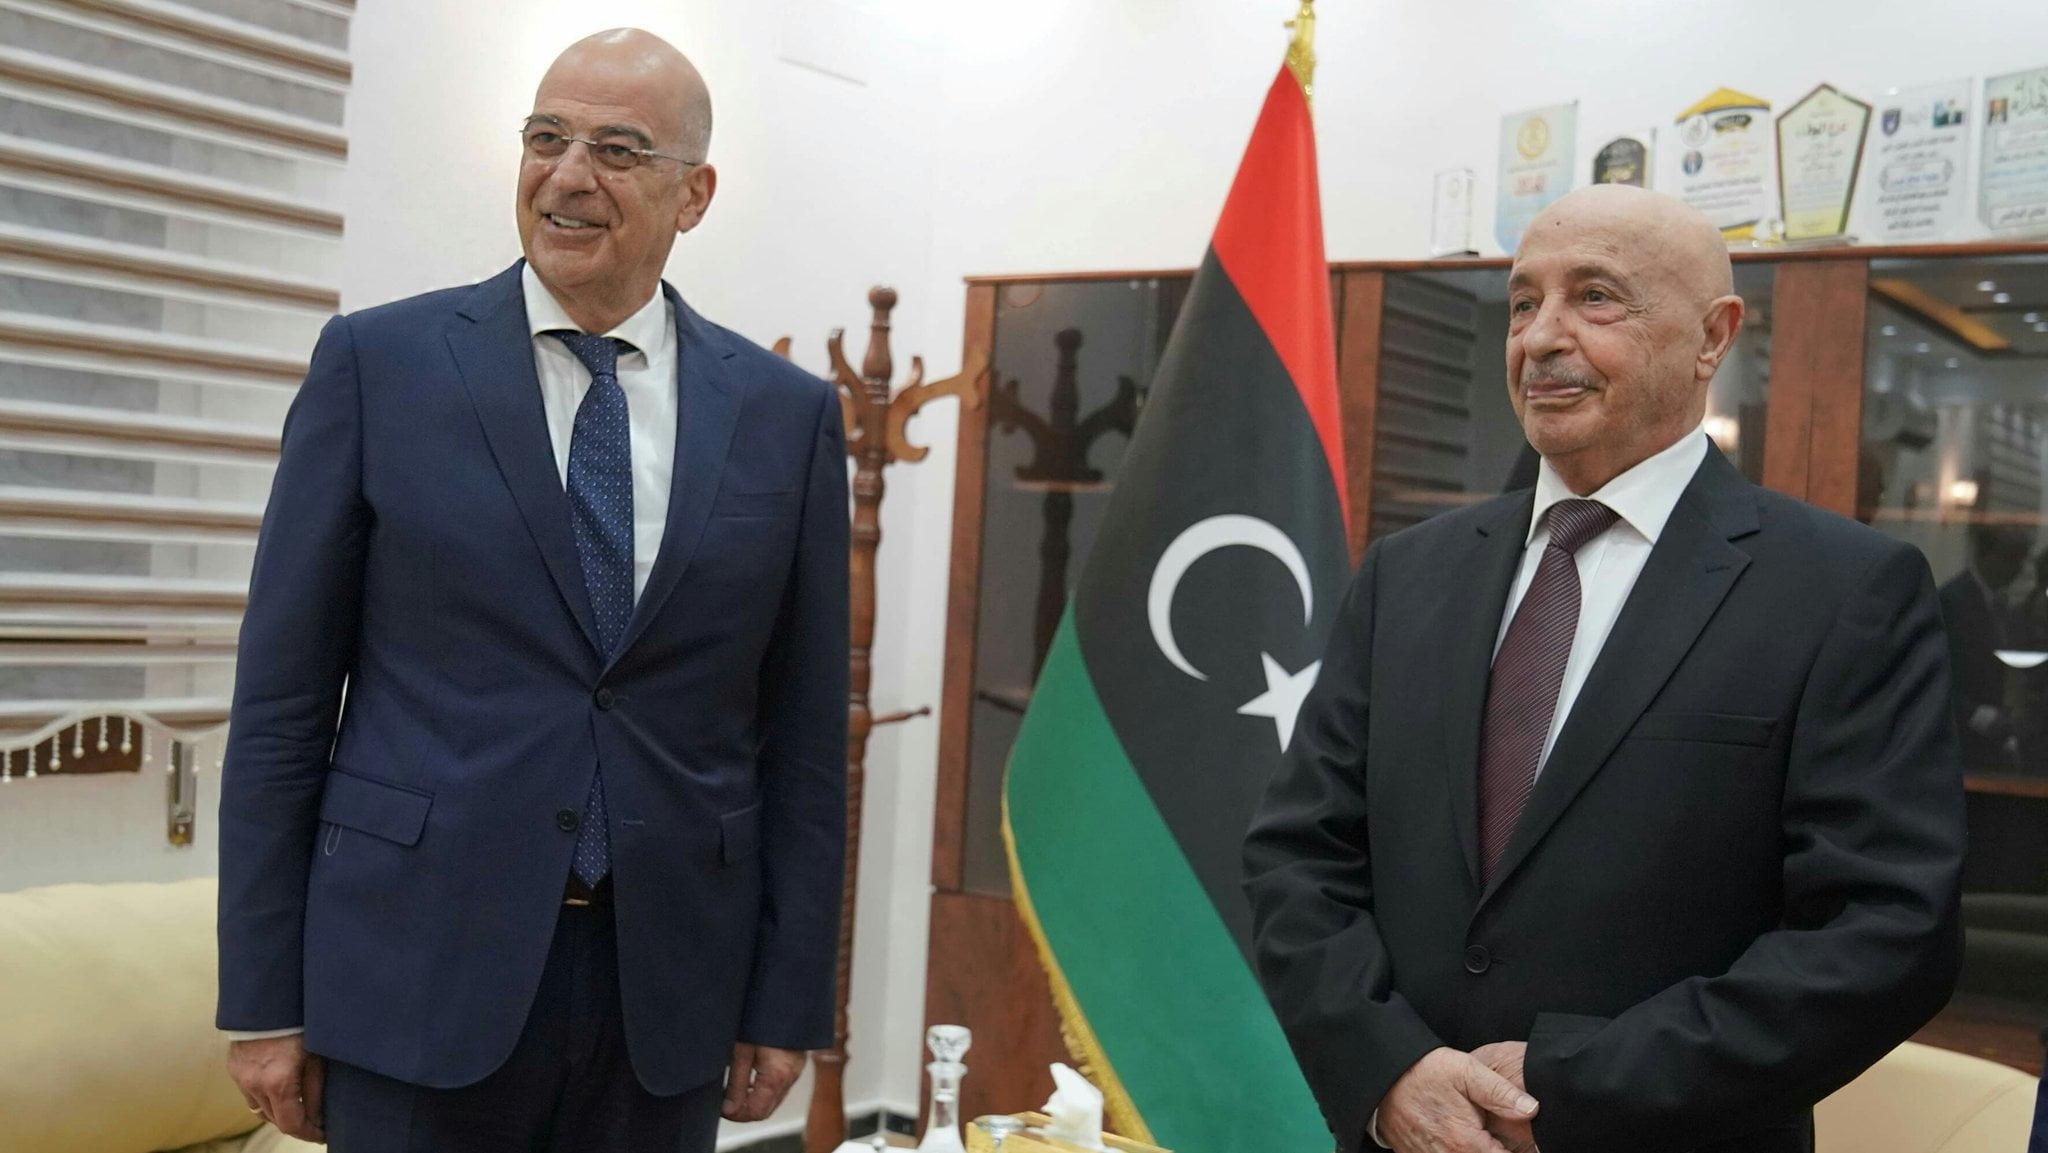 Επίσκεψη στη Βεγγάζη του Ν. Δένδια – Σε αναζήτηση συμμαχιών στη Λιβύη